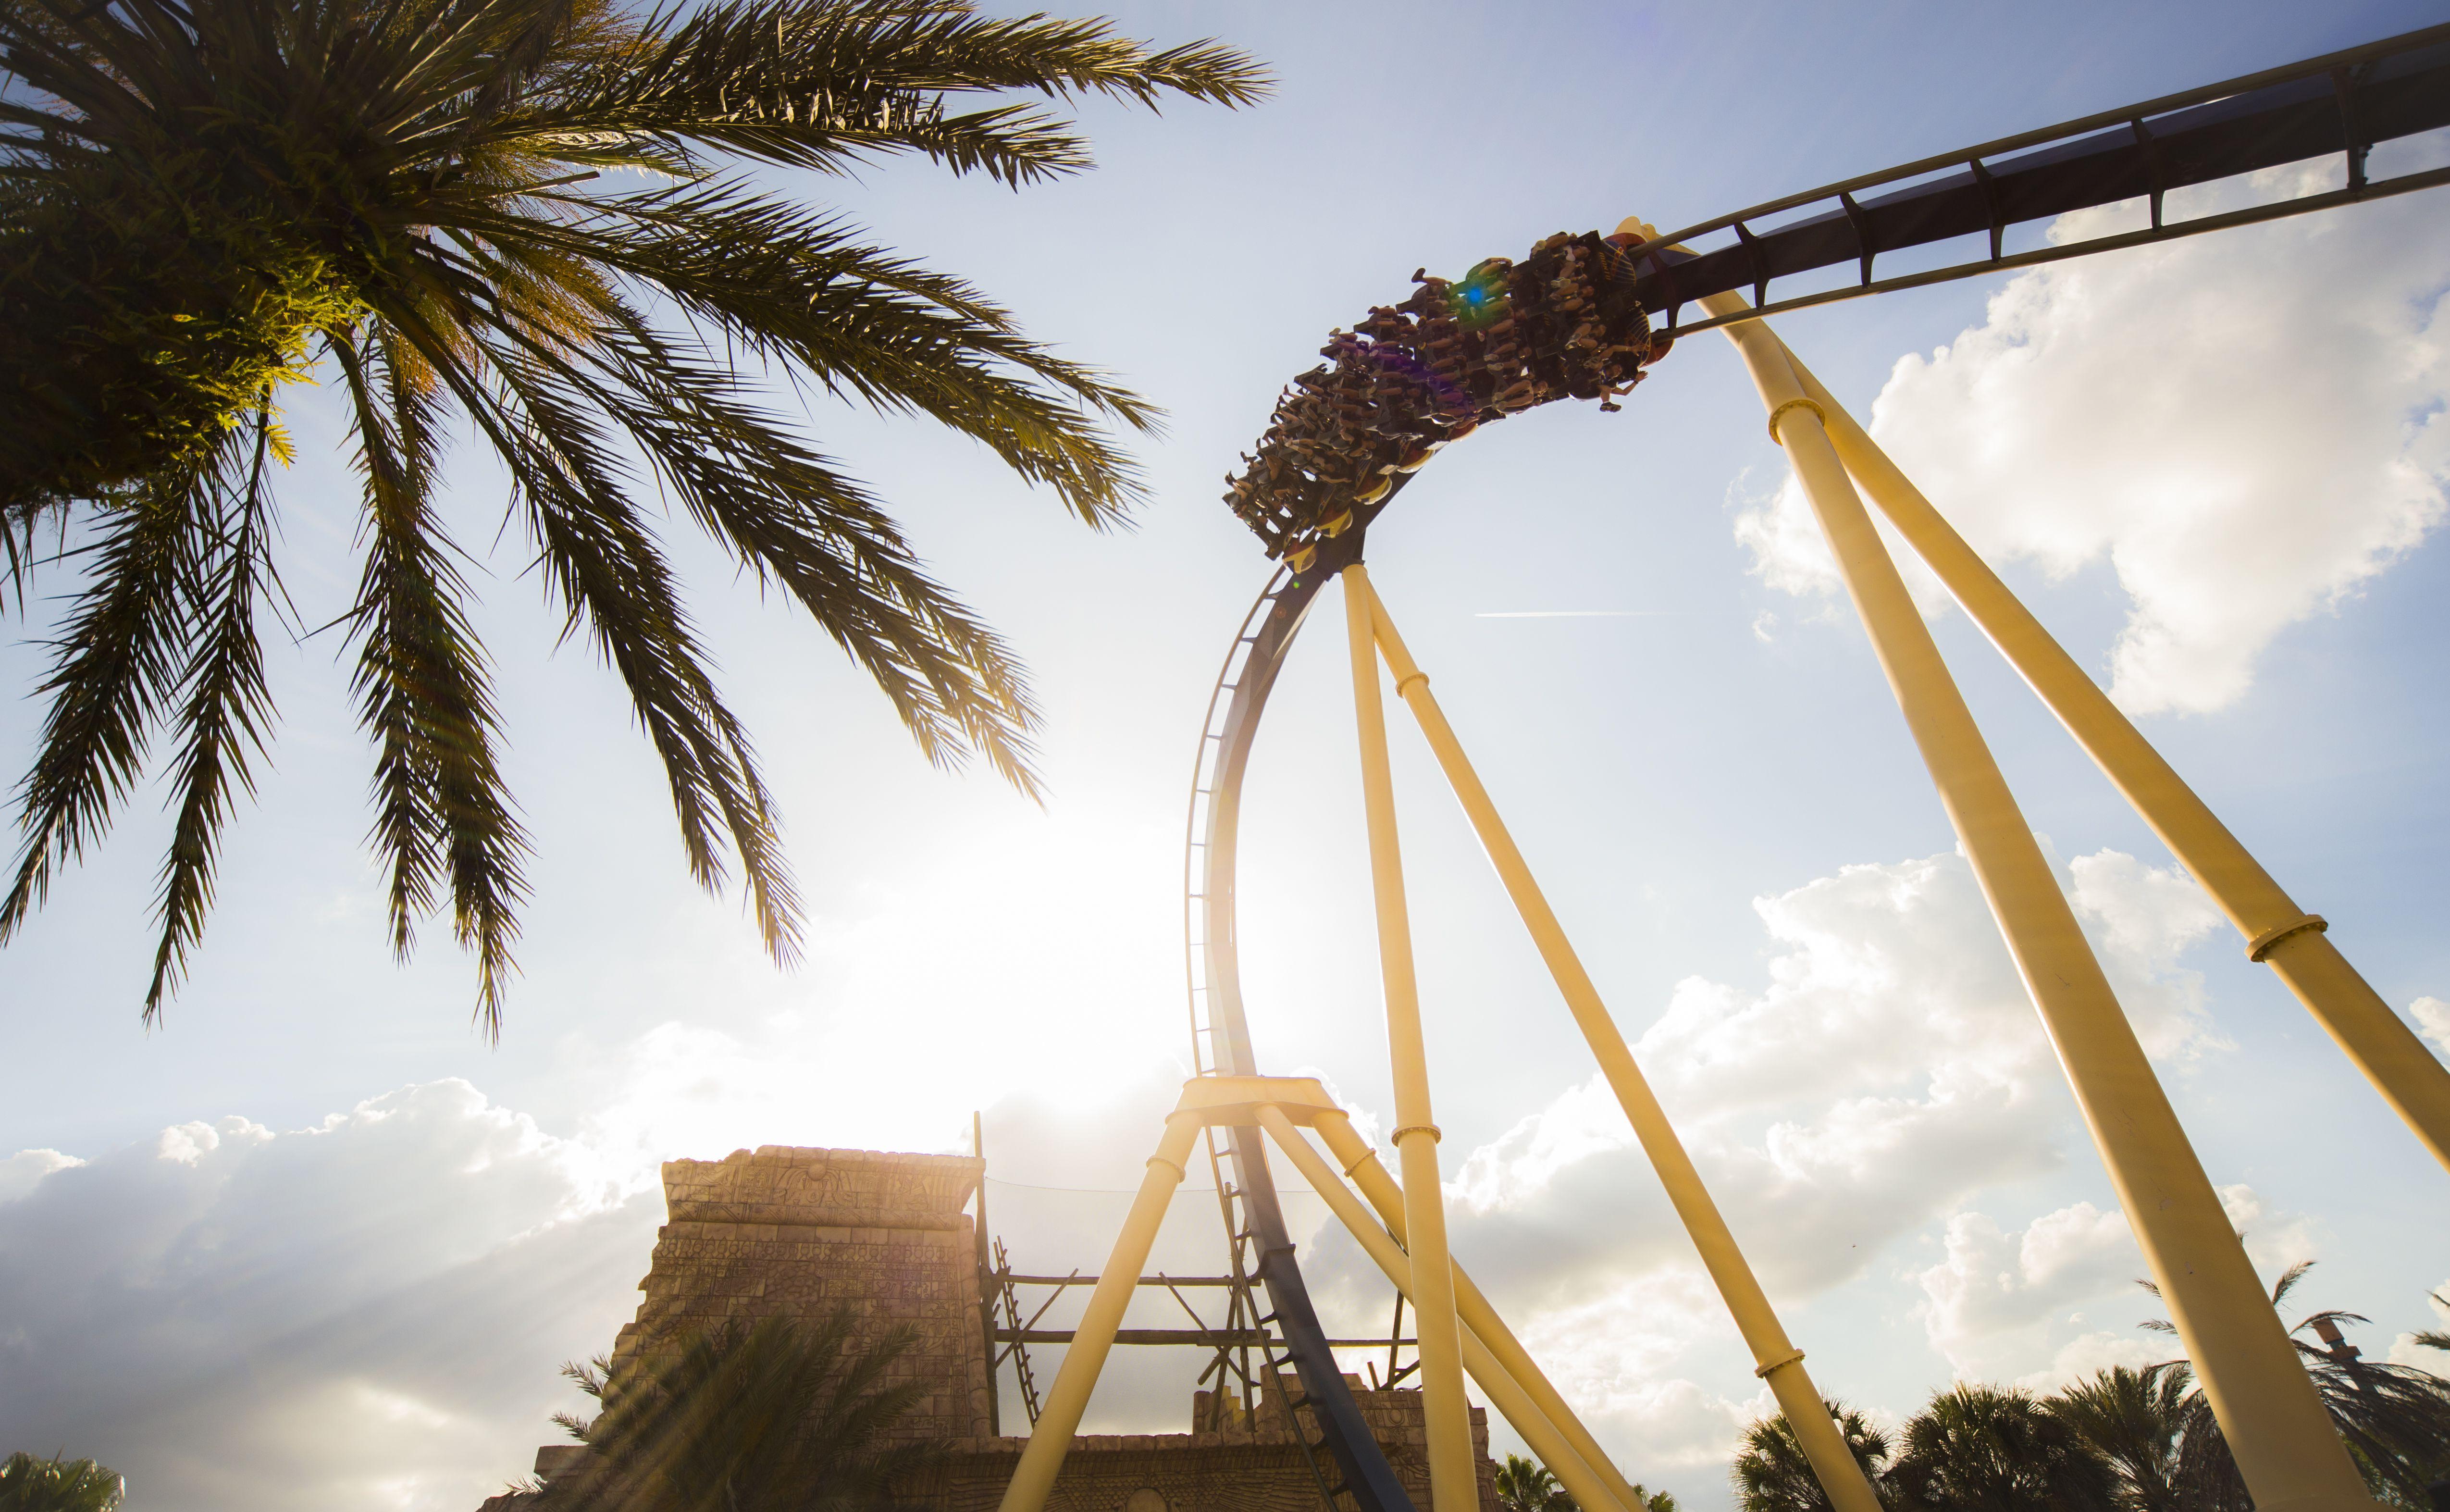 Montu coaster Busch Gardens Tampa